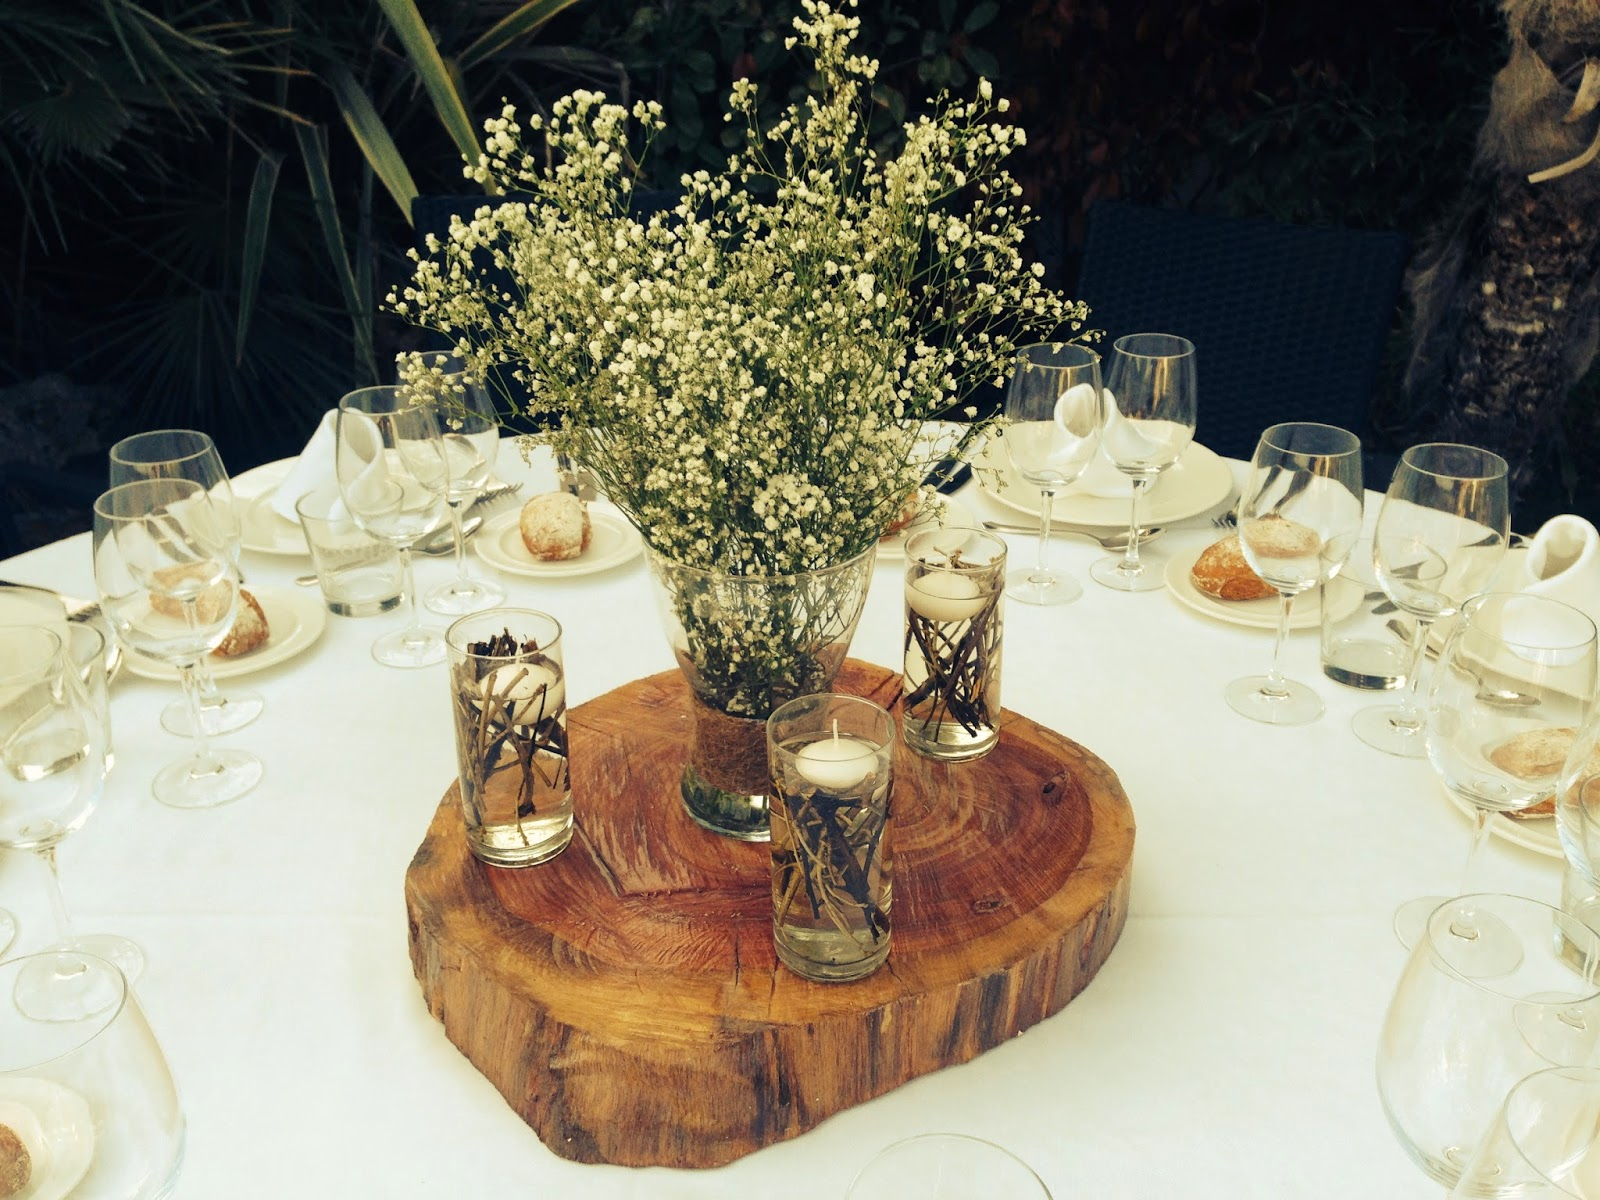 Fincas y salones de boda vara restaurante eventos - Rustika decoracion ...